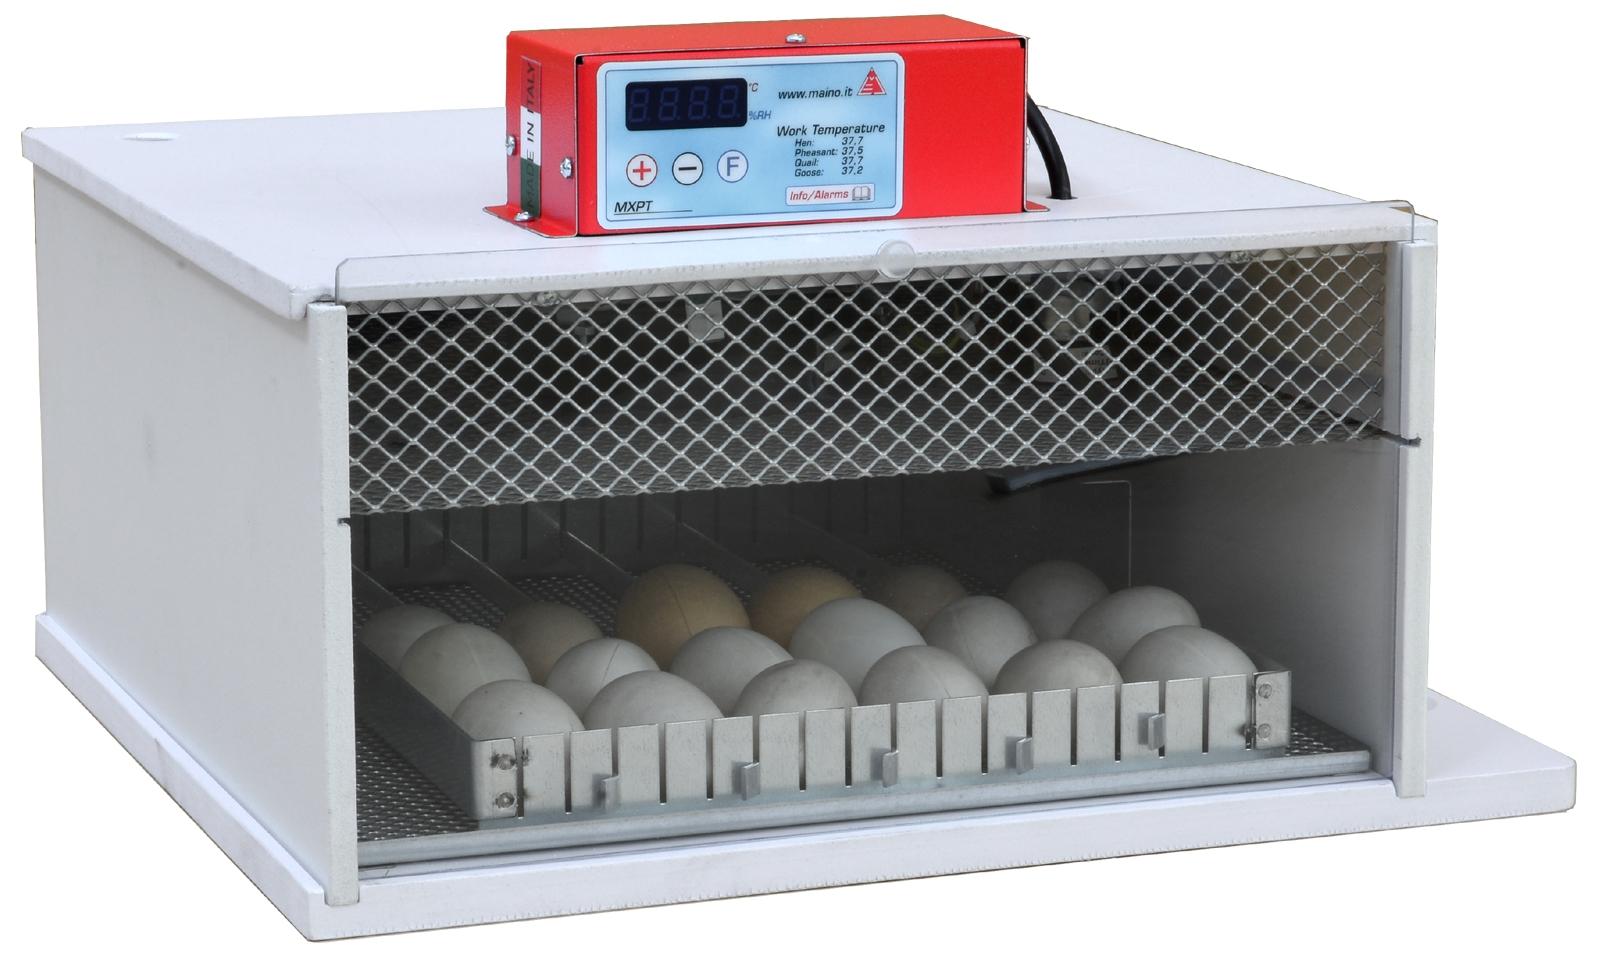 Broedmachine PIOPIO 36 W-D